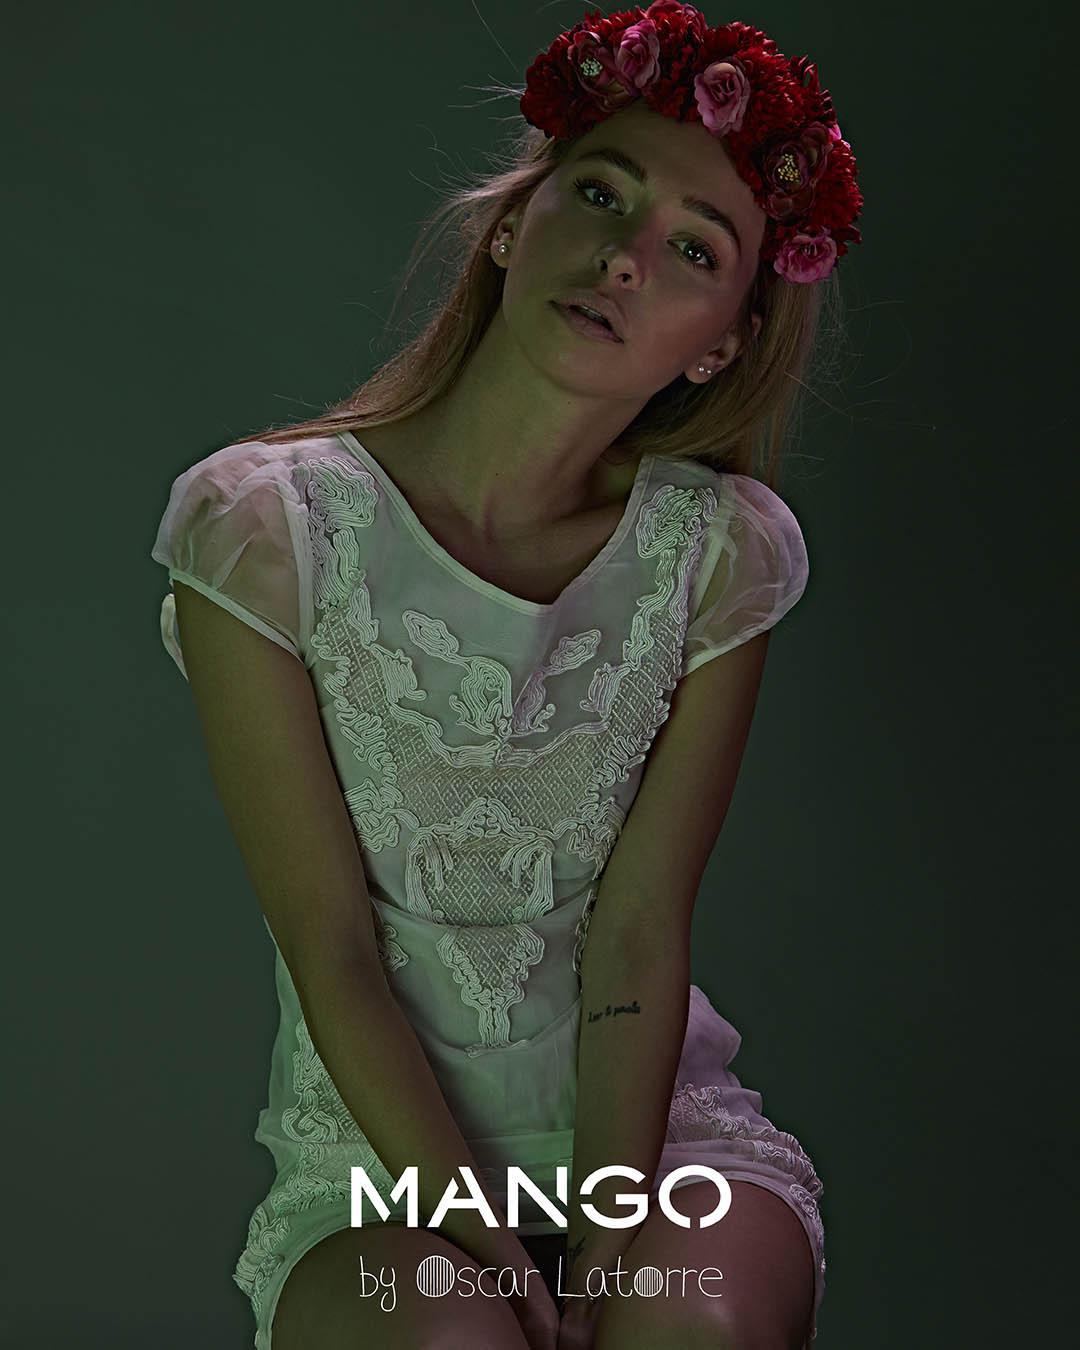 Mango by Oscar Latorre